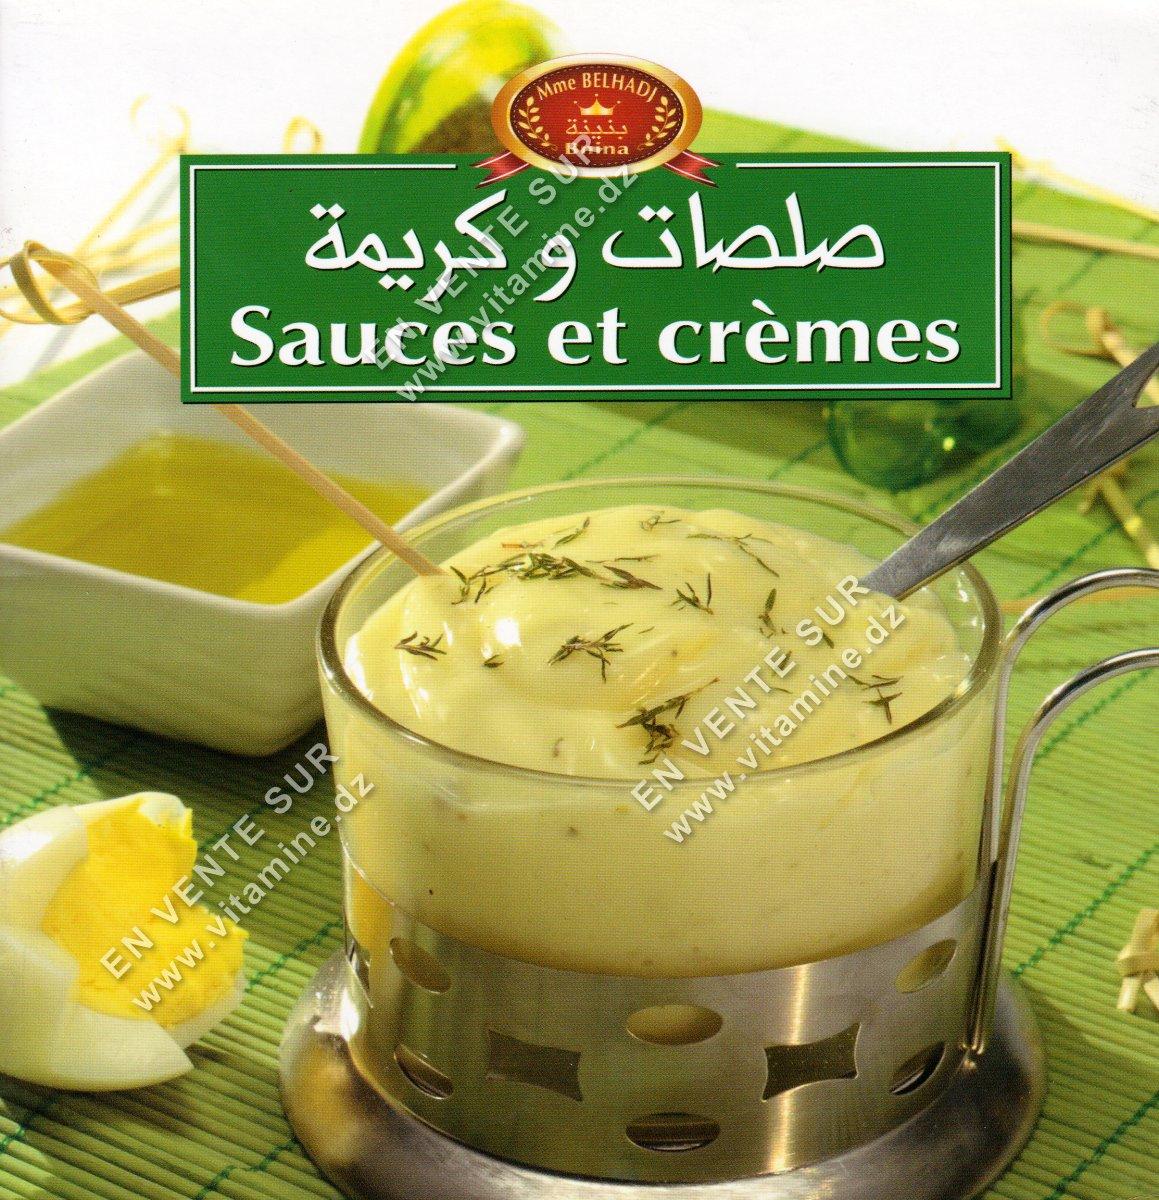 Bnina - Sauces et crèmes